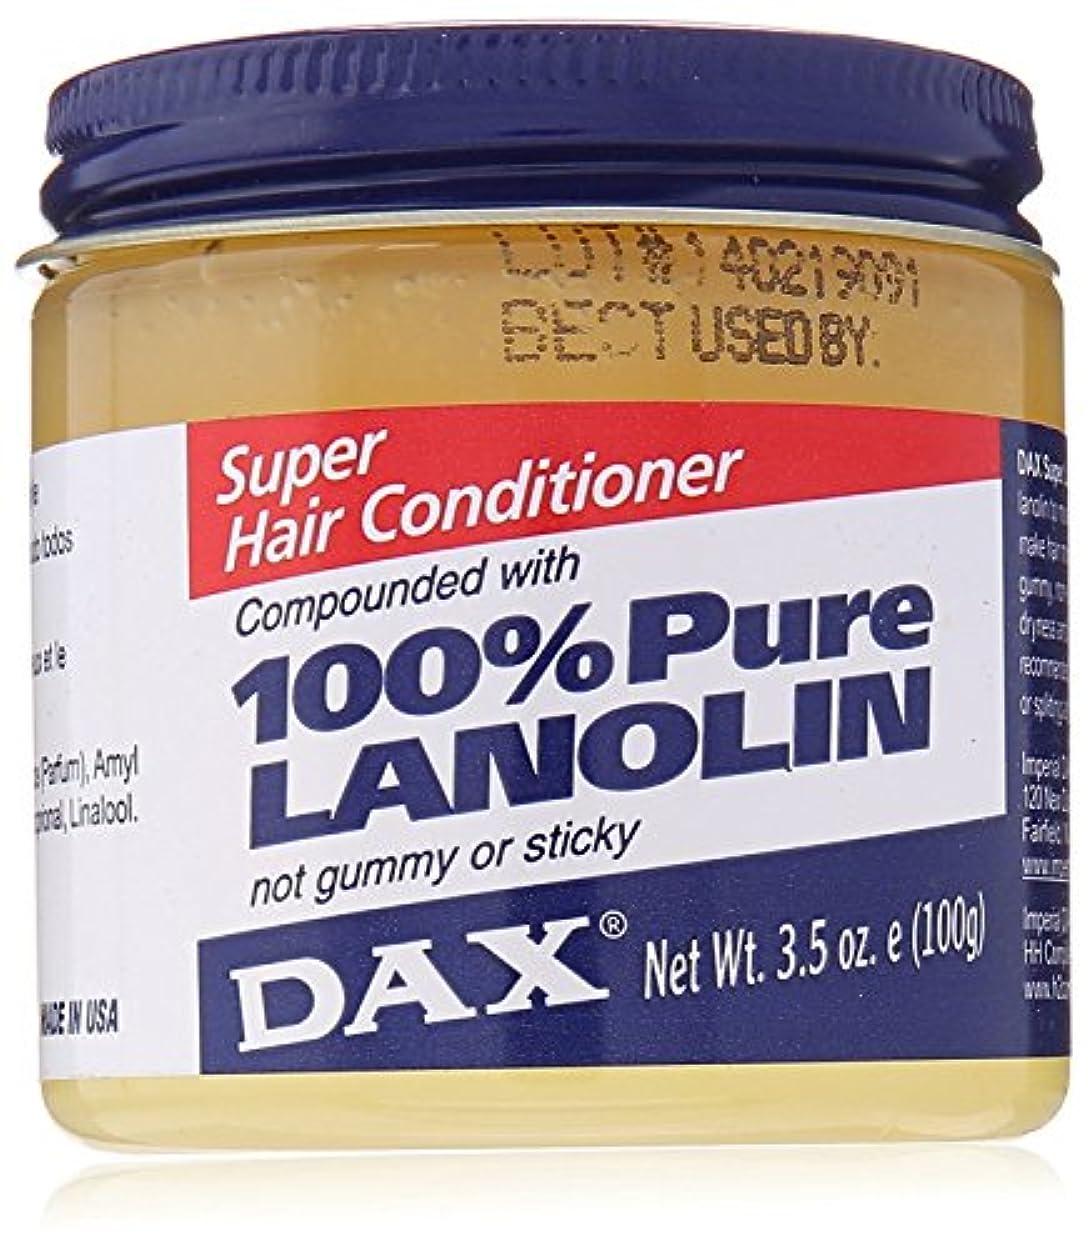 アシスタント吸収剤ガレージDAX スーパーラノリン、3.5オンス